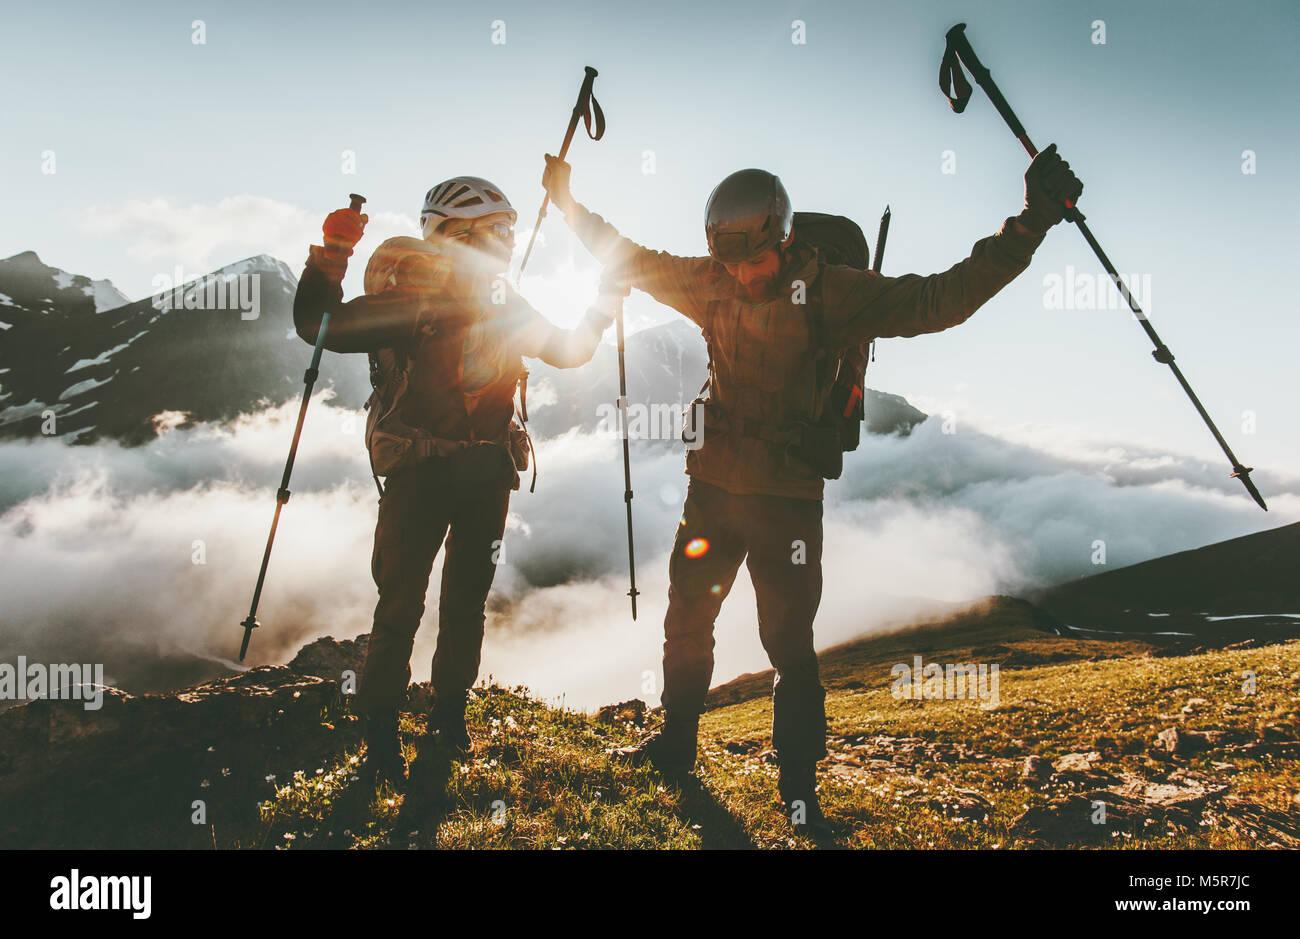 Happy travel couple homme et femme sur la montagne de l'amour et l'aventure randonnées vie wanderlust Photo Stock